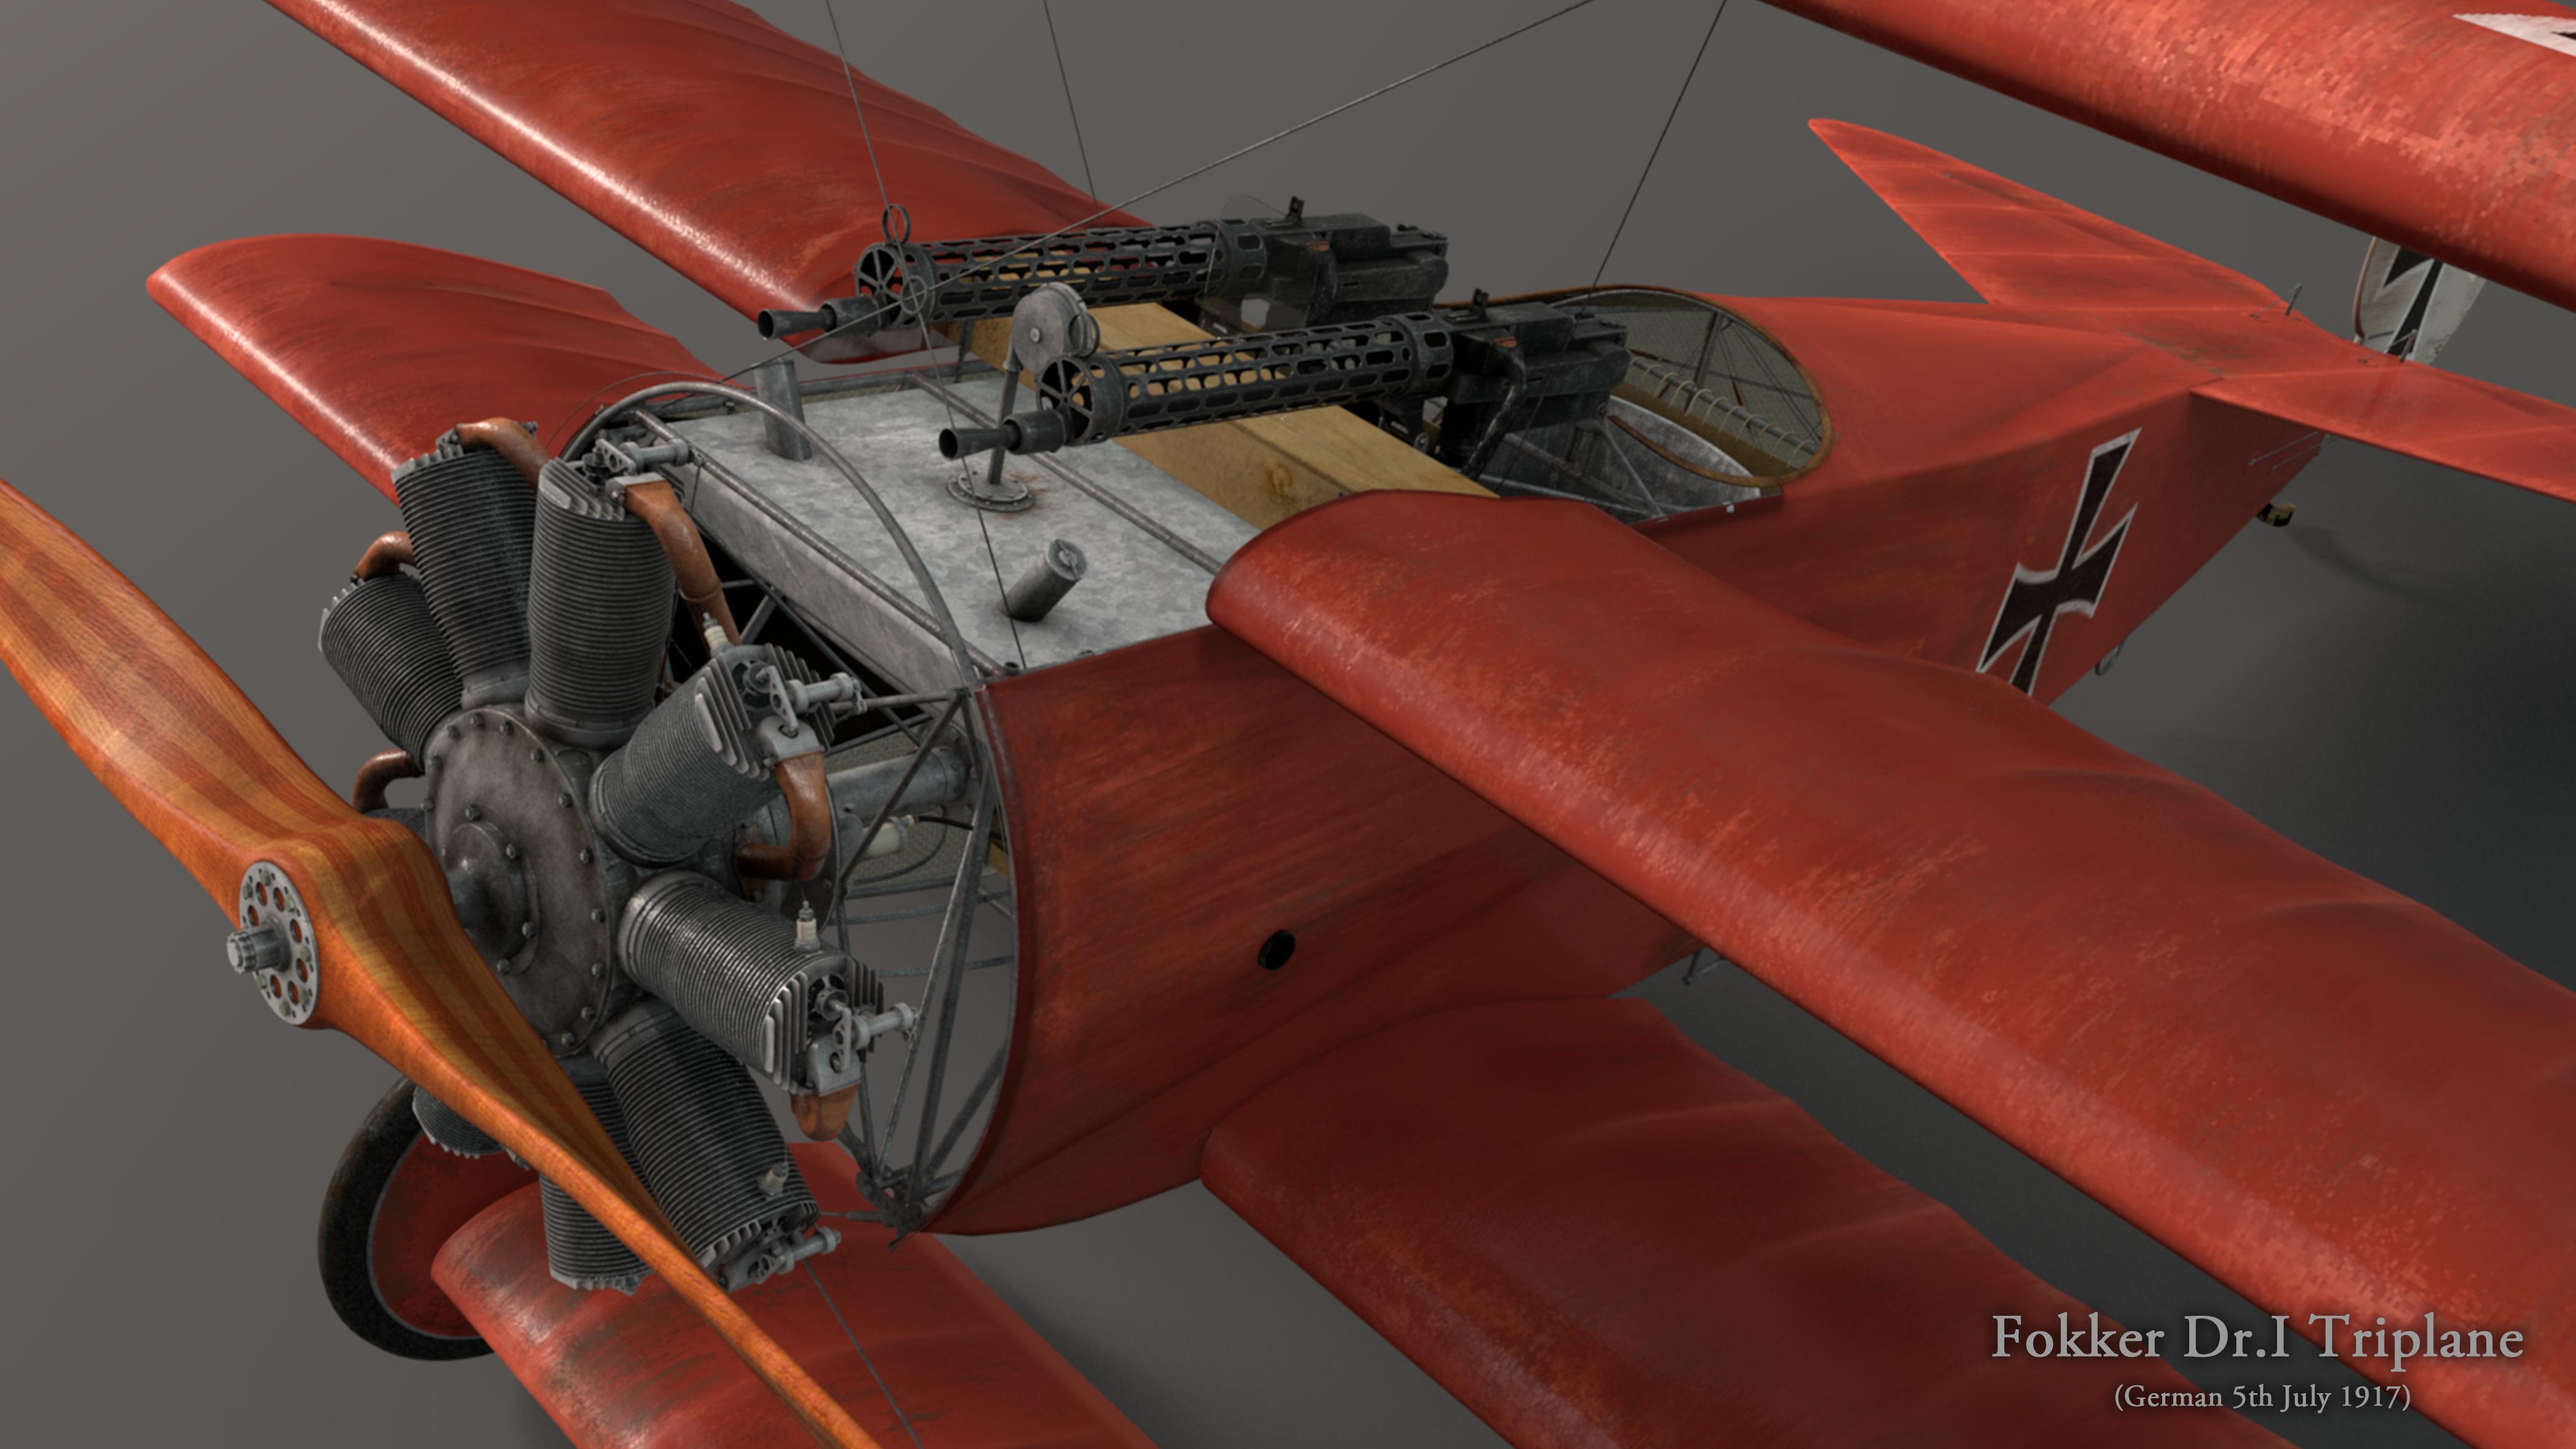 FokkerDr1_6